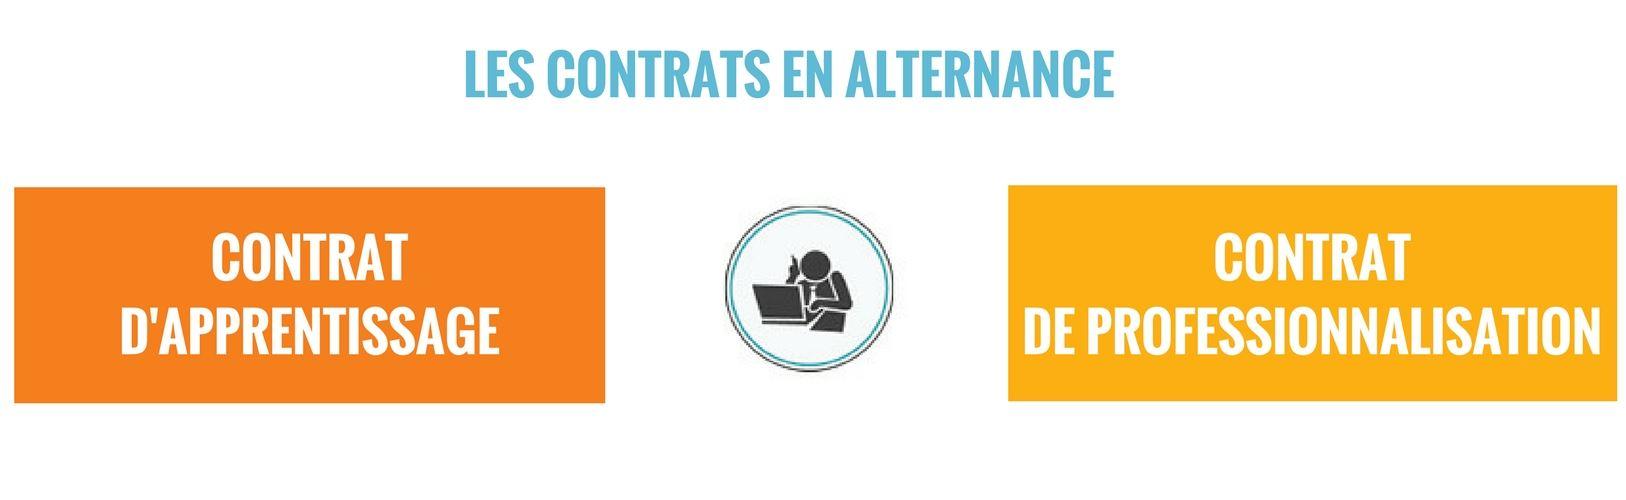 Les contrats d'alternance, apprentissage et professionnalisation